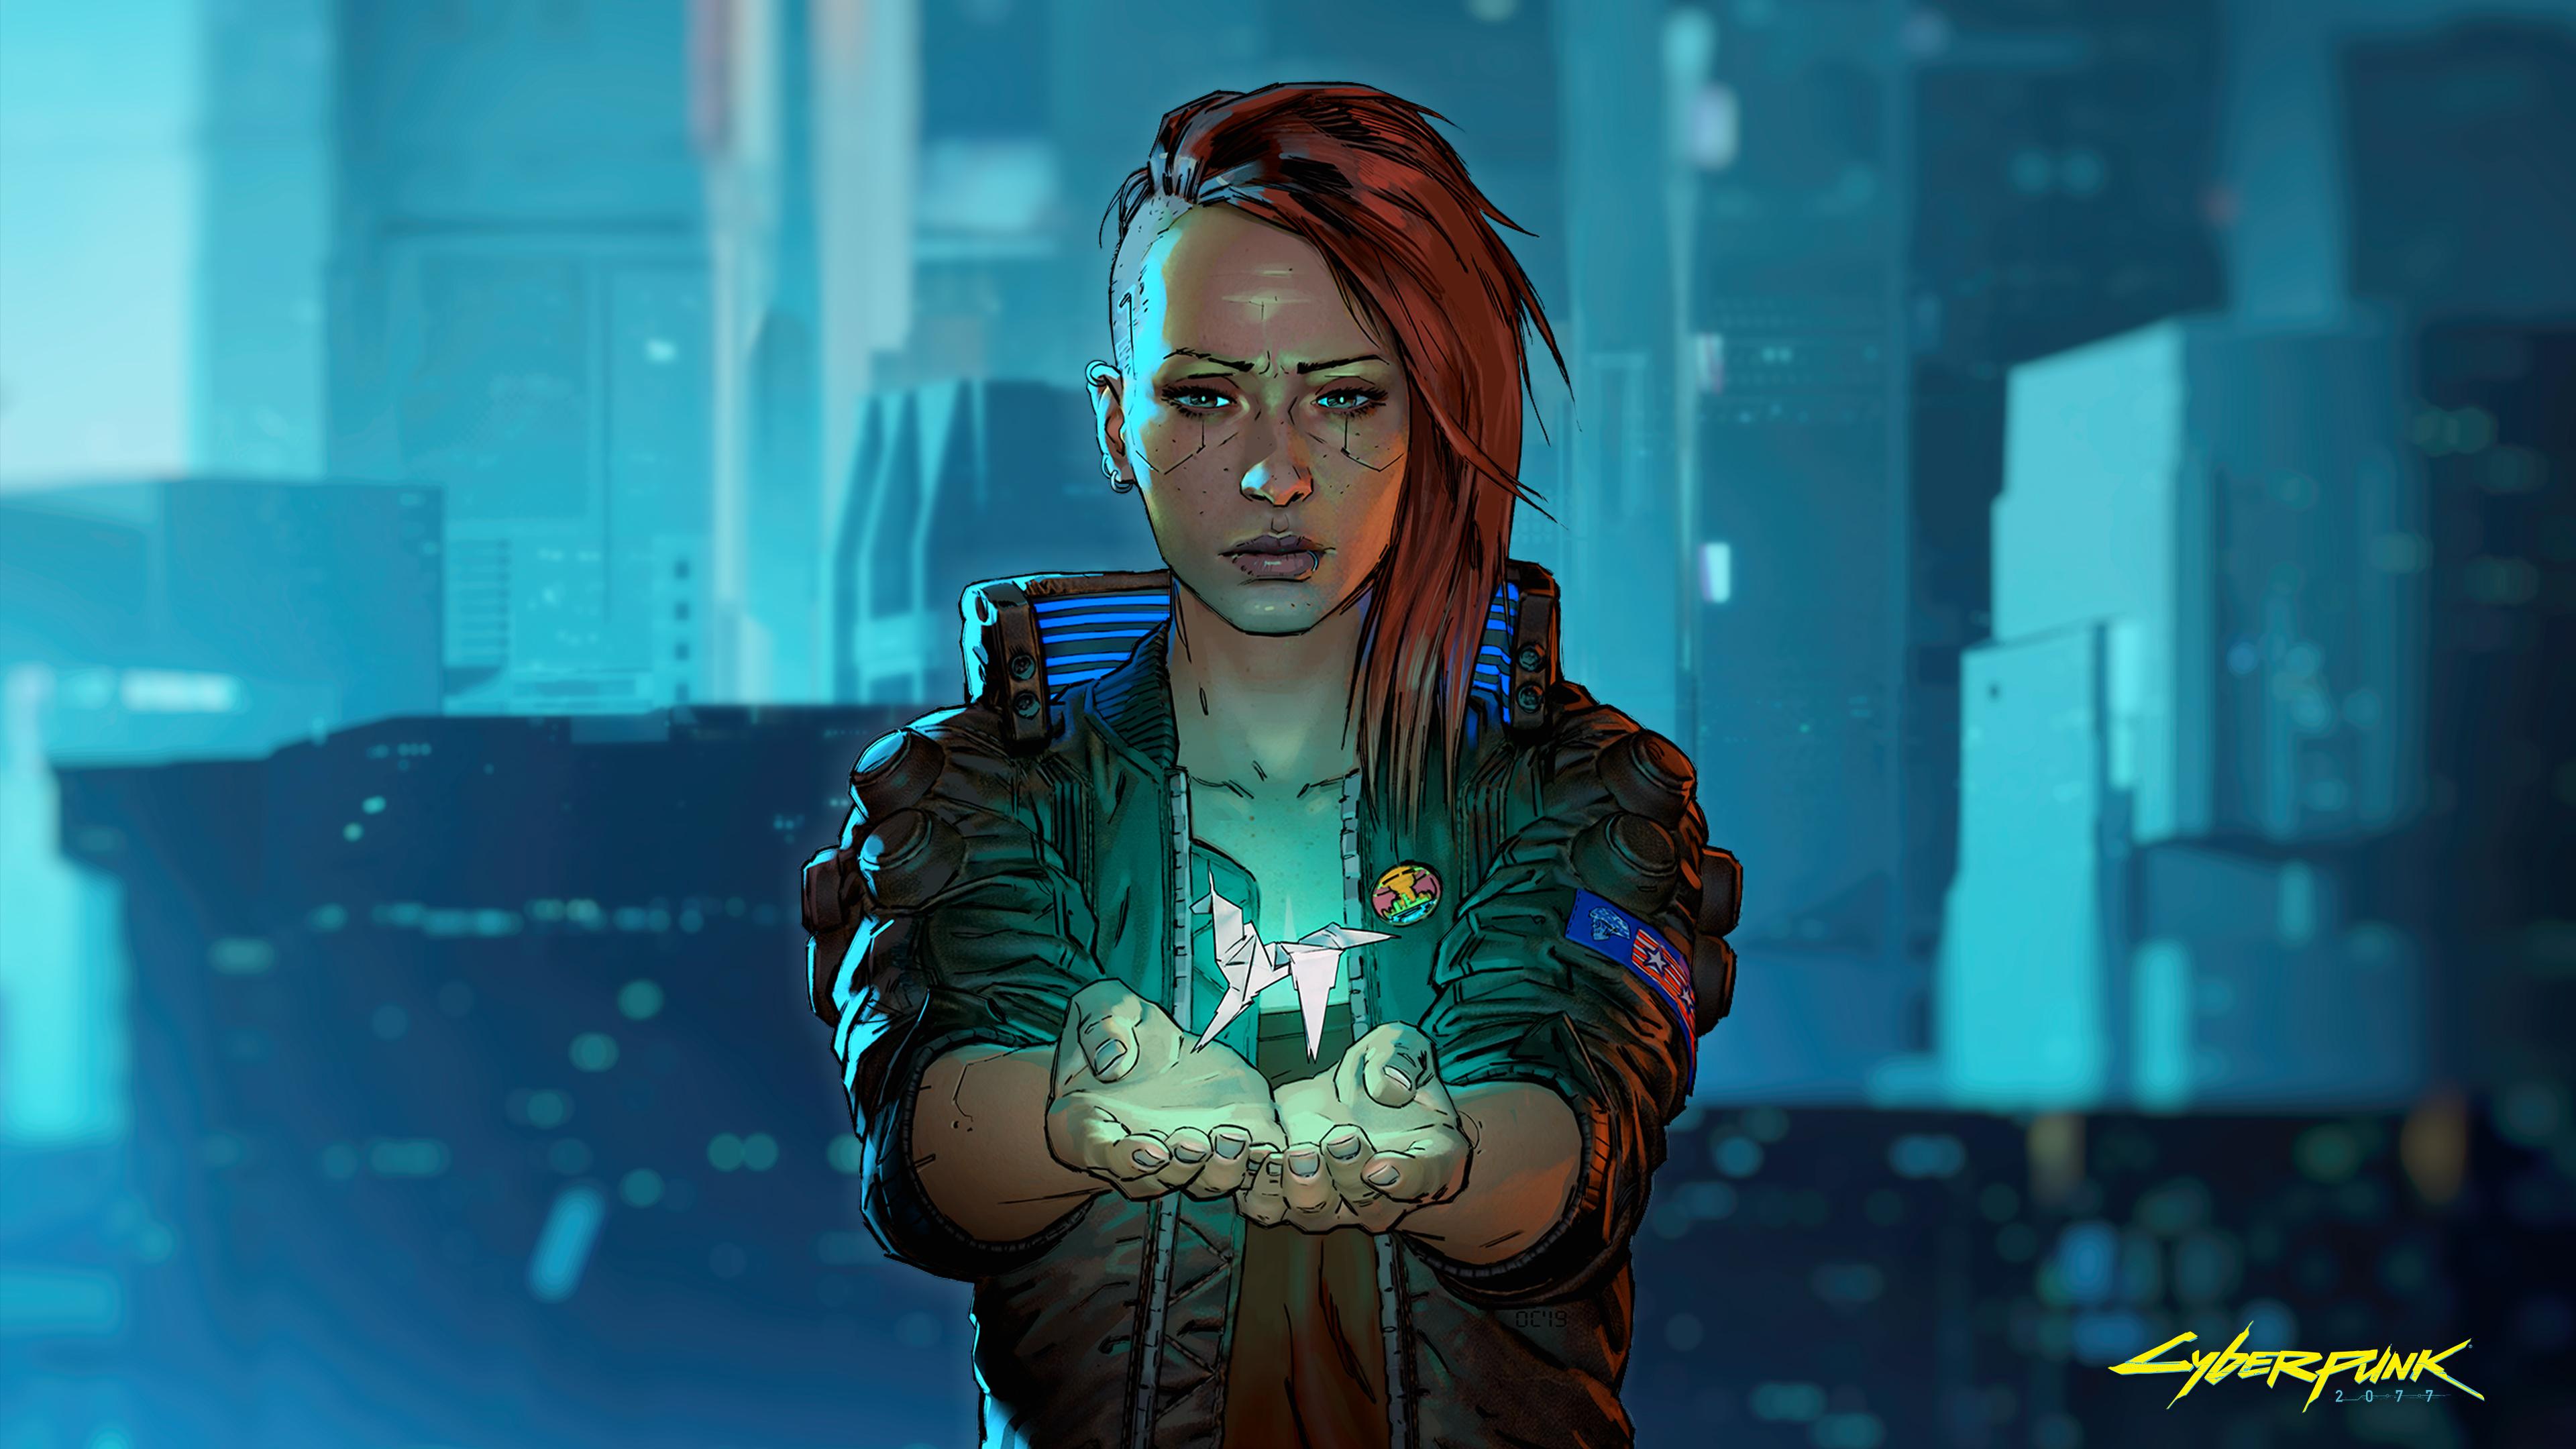 Cyberpunk 2077 Origami 3840x2160